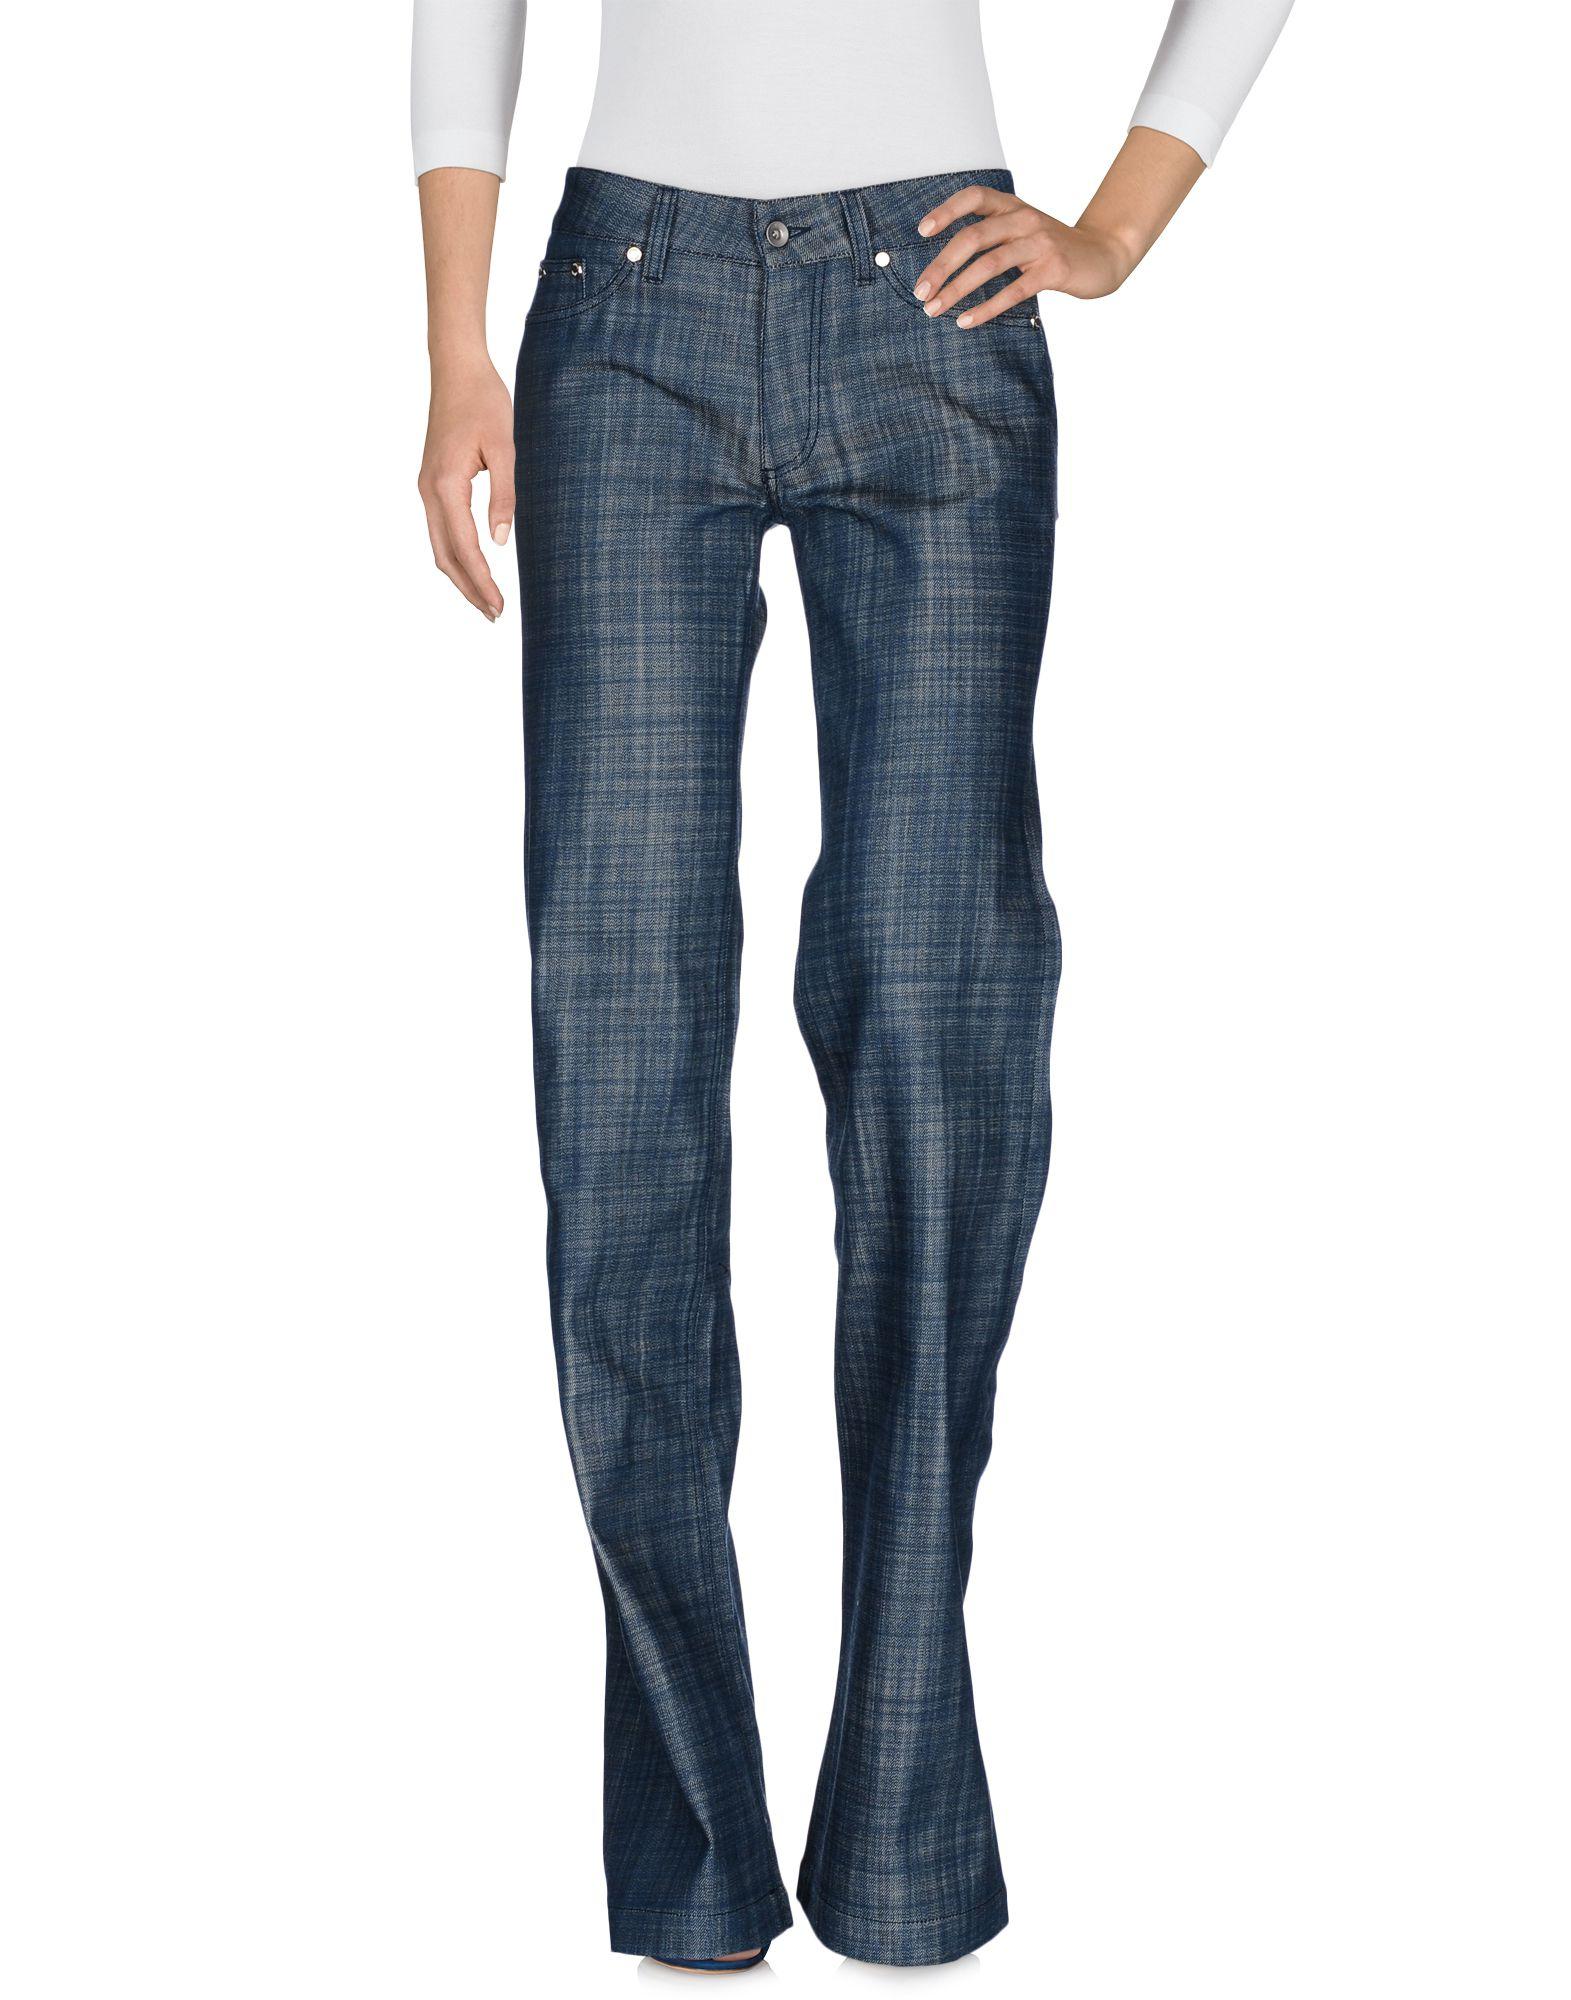 HOGAN Damen Jeanshose Farbe Blau Größe 2 jetztbilligerkaufen